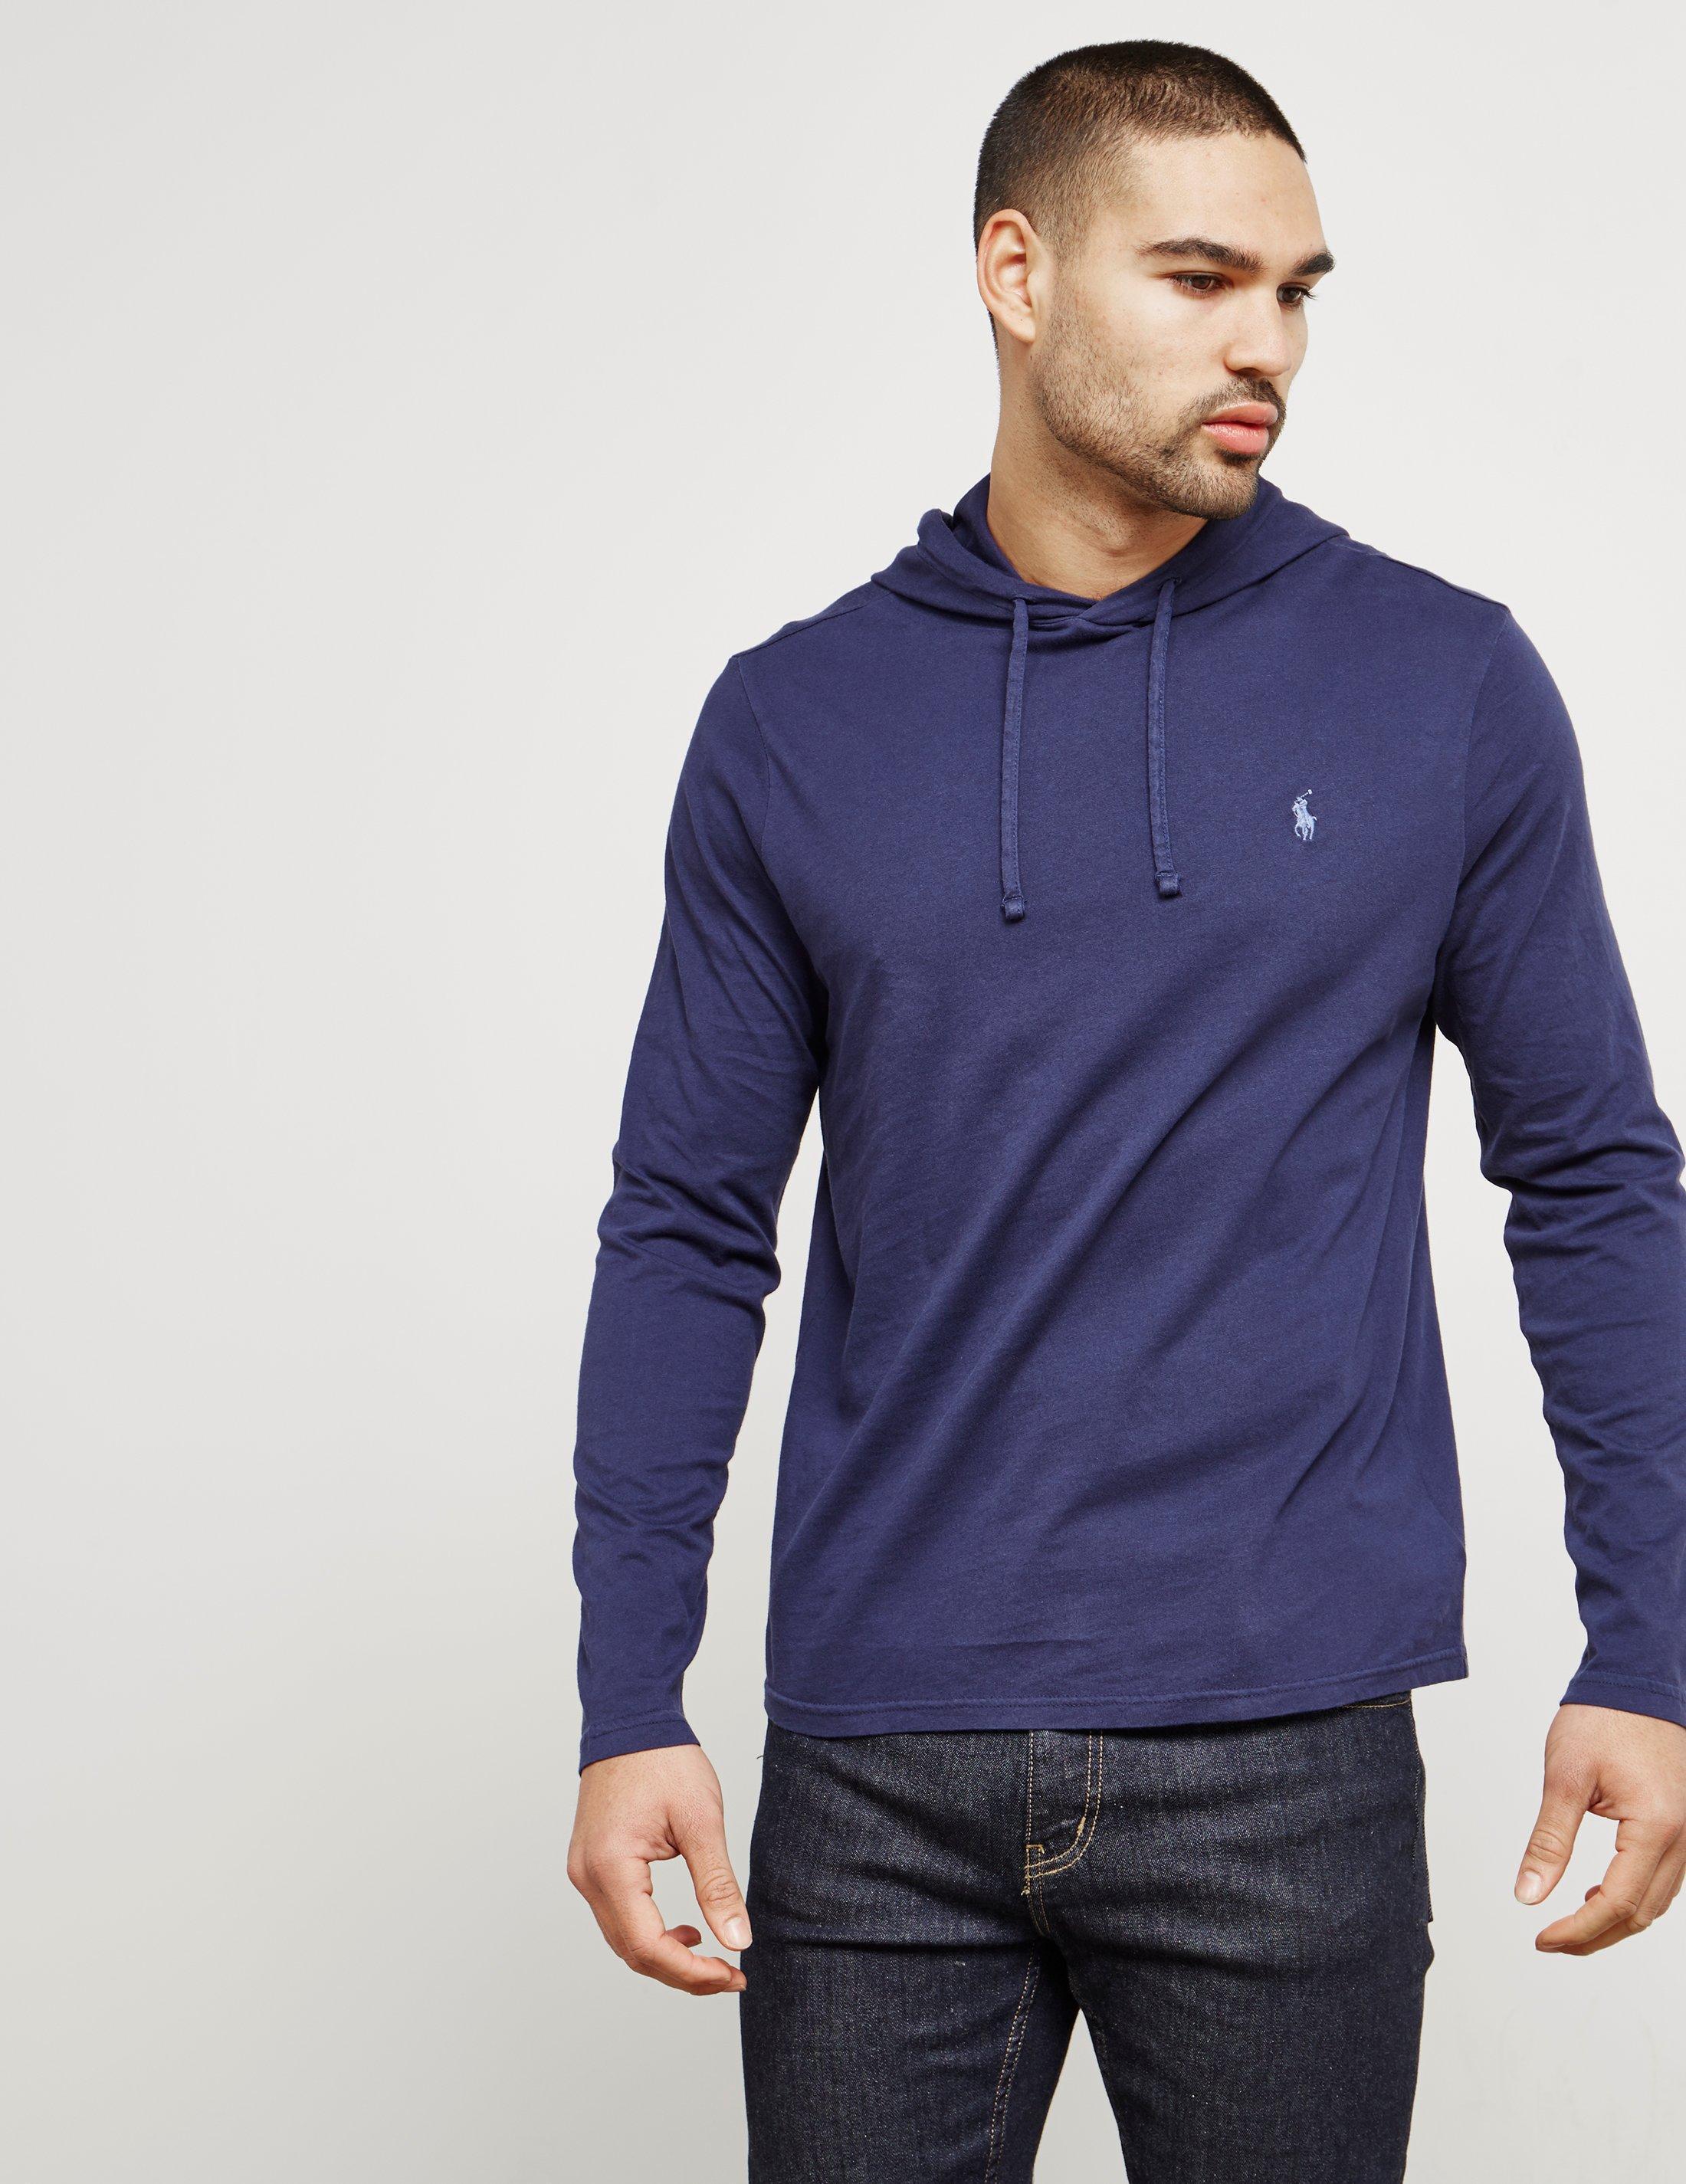 Polo Ralph Lauren. Mens Hooded Long Sleeve T-shirt ...